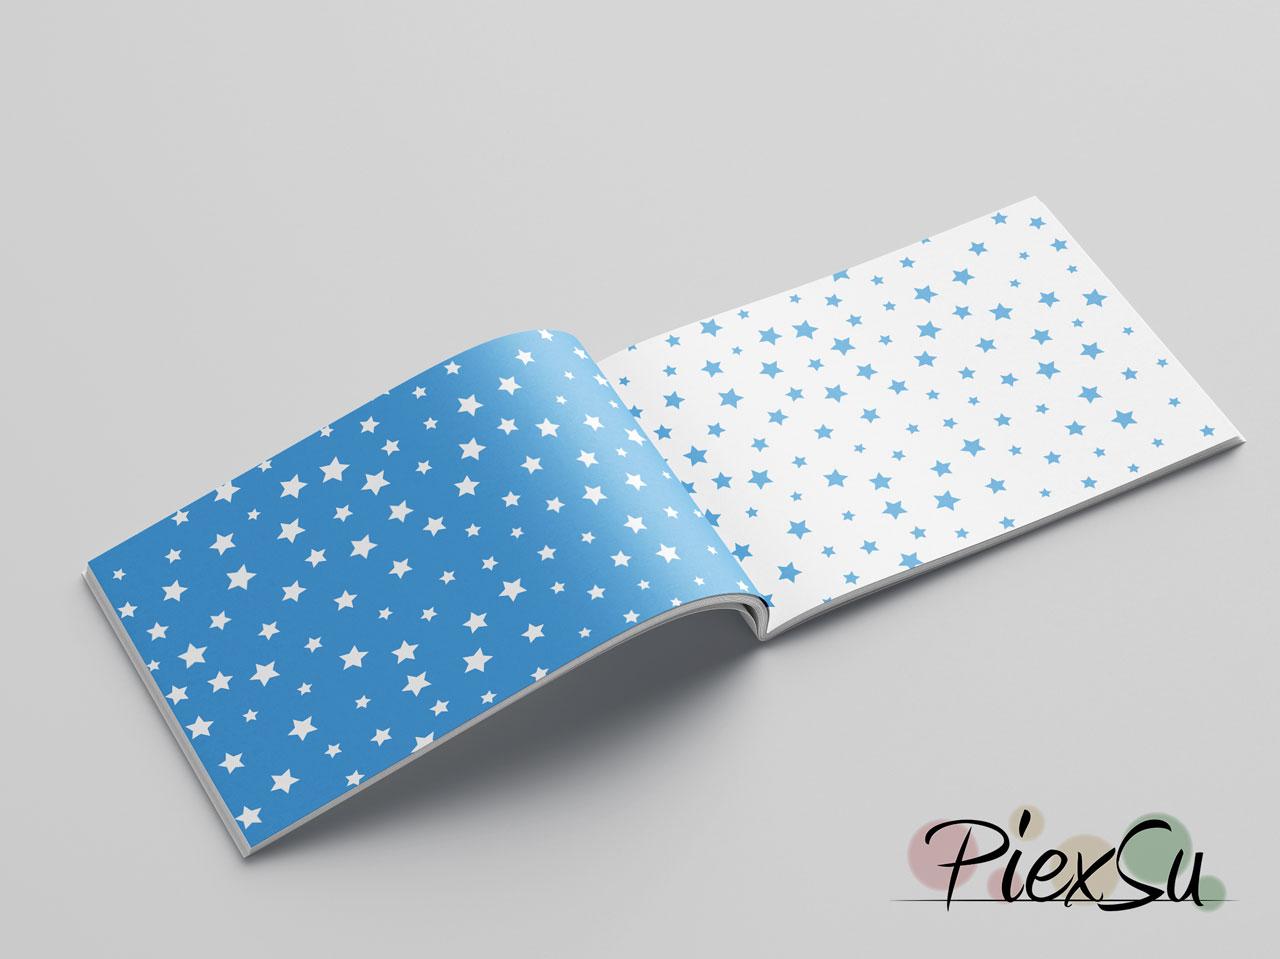 PiexSu-Digipapier-Sterne-Blau-digipaper-durcken-basteln